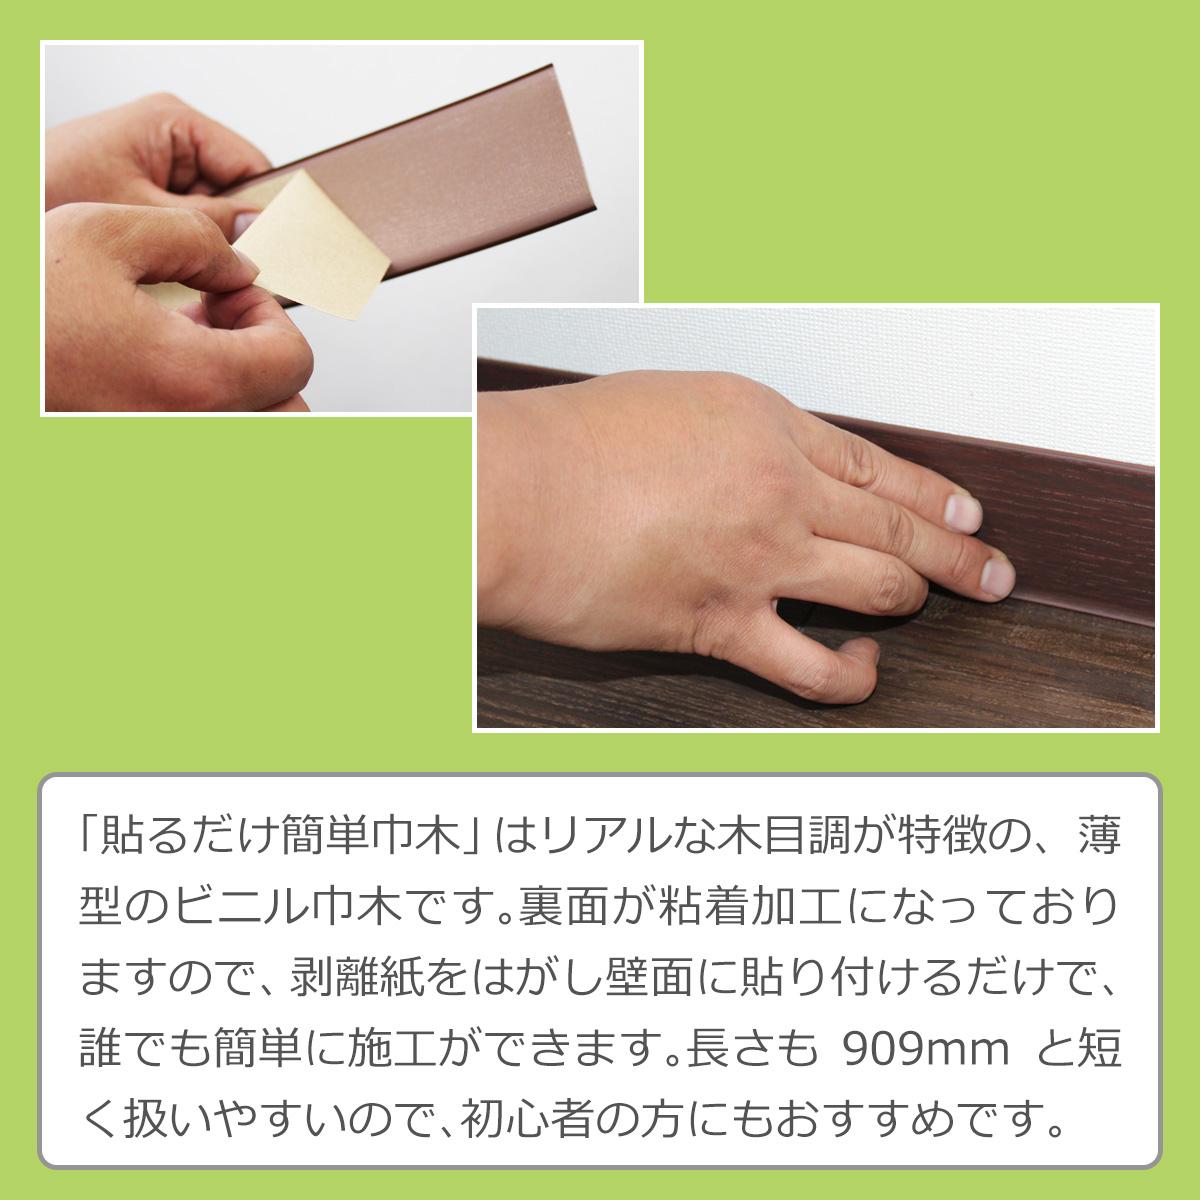 「貼るだけ簡単巾木」はリアルな木目調が特徴の、薄型のビニル巾木です。裏面が粘着加工になっておりますので、剥離紙をはがし壁面に貼り付けるだけで、誰でも簡単に施工ができます。長さも909mmと短く扱いやすいので、初心者の方にもおすすめです。